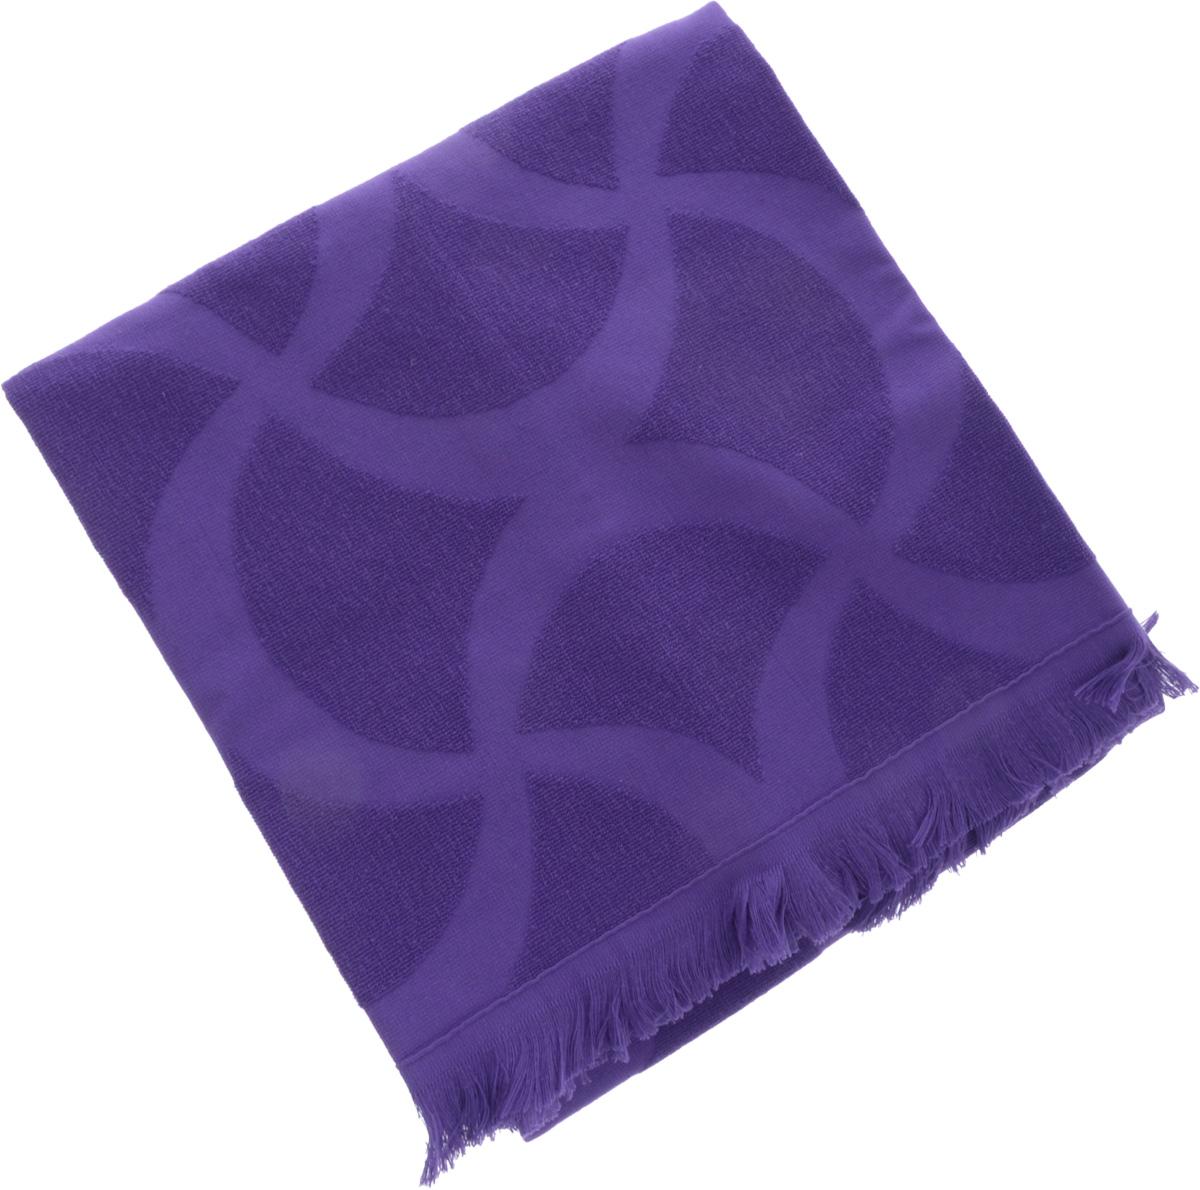 Полотенце Issimo Home Rondelle, цвет: фиолетовый, 70 x 140 см68/5/1Полотенце Issimo Home Rondelle выполнено из 100% хлопка. Изделие отлично впитывает влагу, быстро сохнет, сохраняет яркость цвета и не теряет форму даже после многократных стирок. Полотенце очень практично и неприхотливо в уходе. Оно прекрасно дополнит интерьер ванной комнаты.